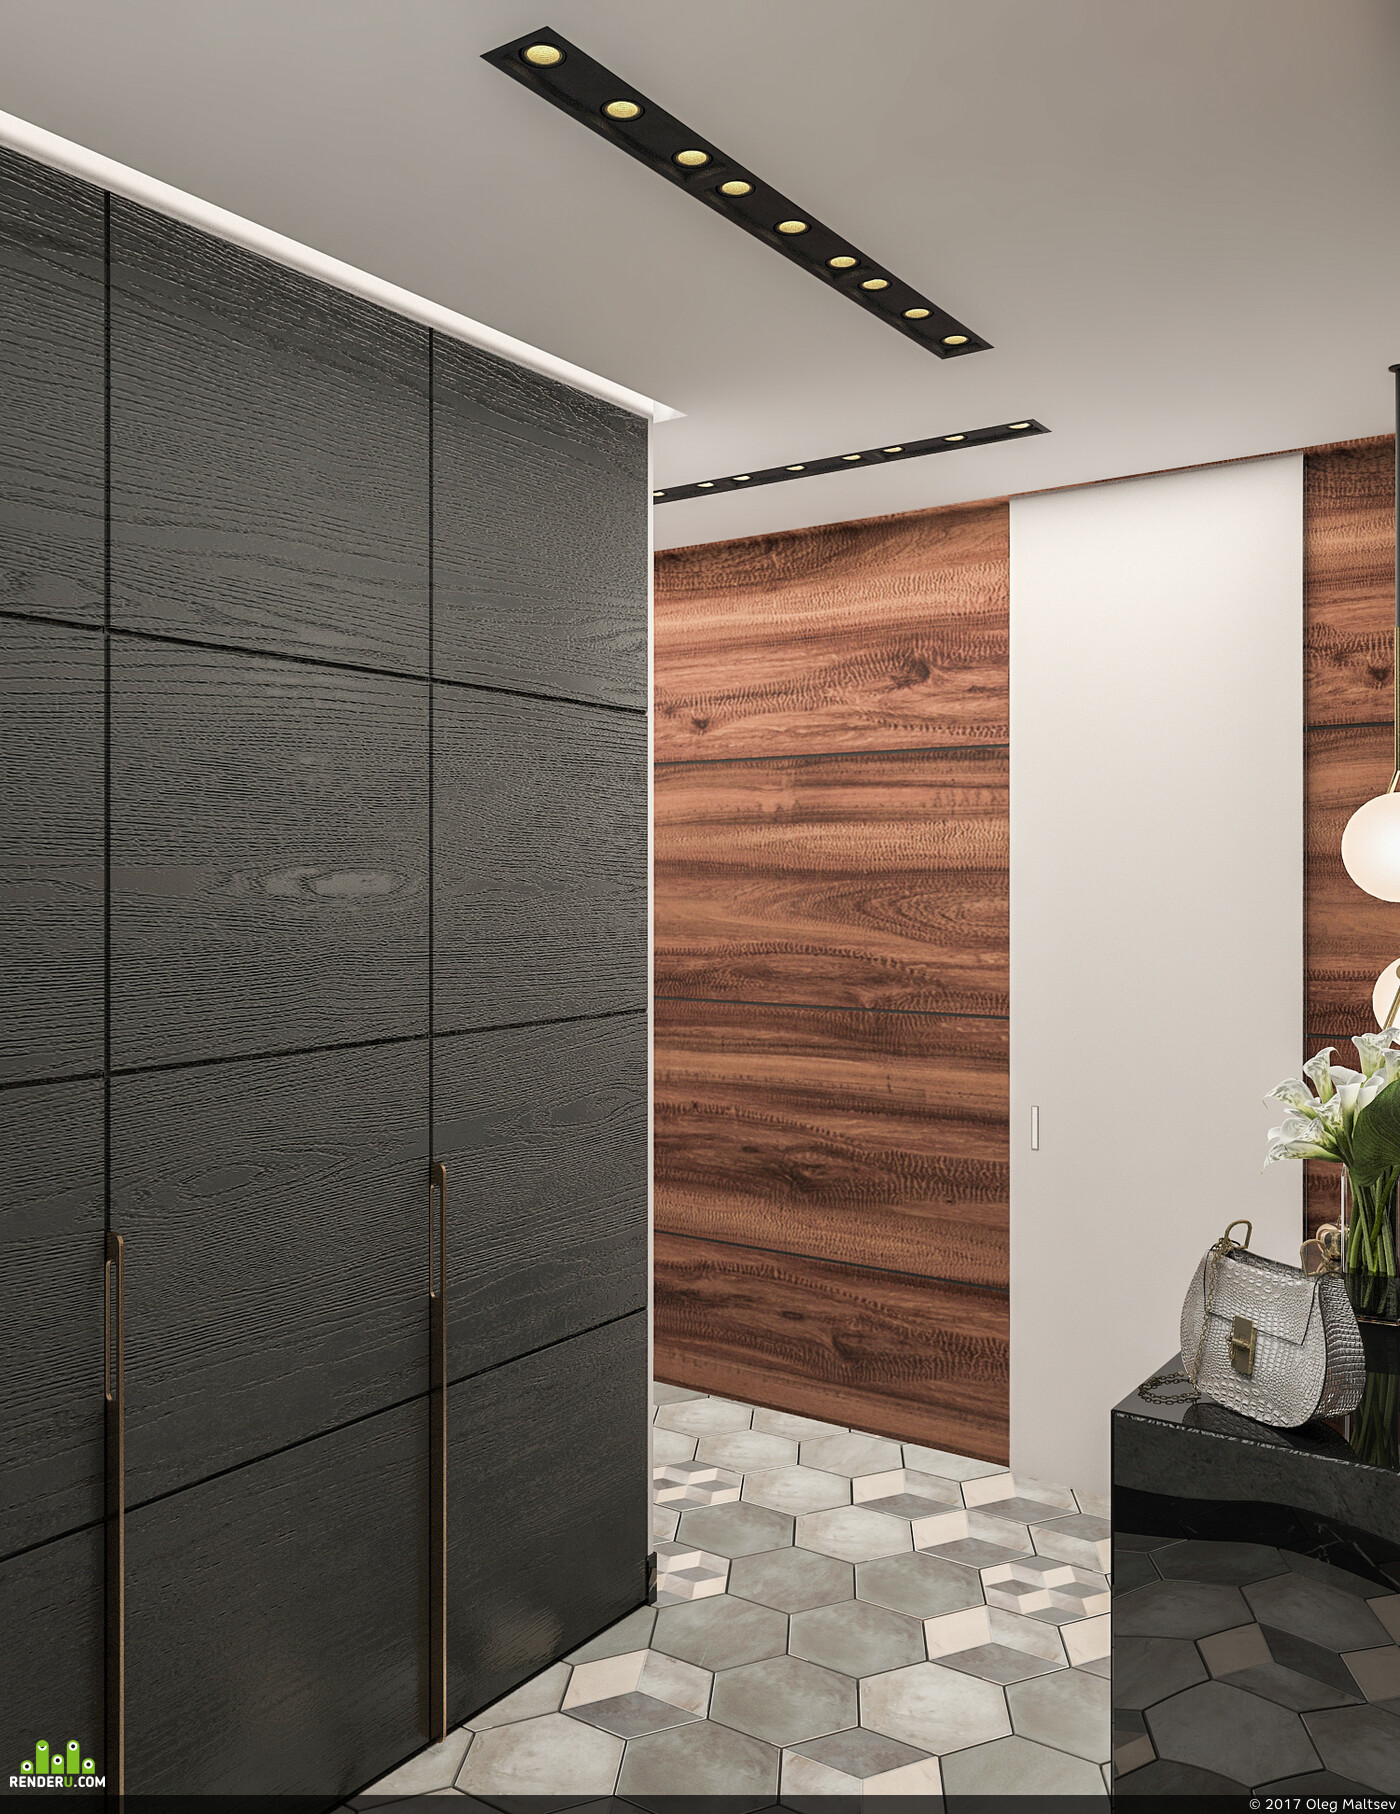 прихожая, интерьер, дизайн интерьера, Визуализация, 3д визуализация, 3D Studio Max